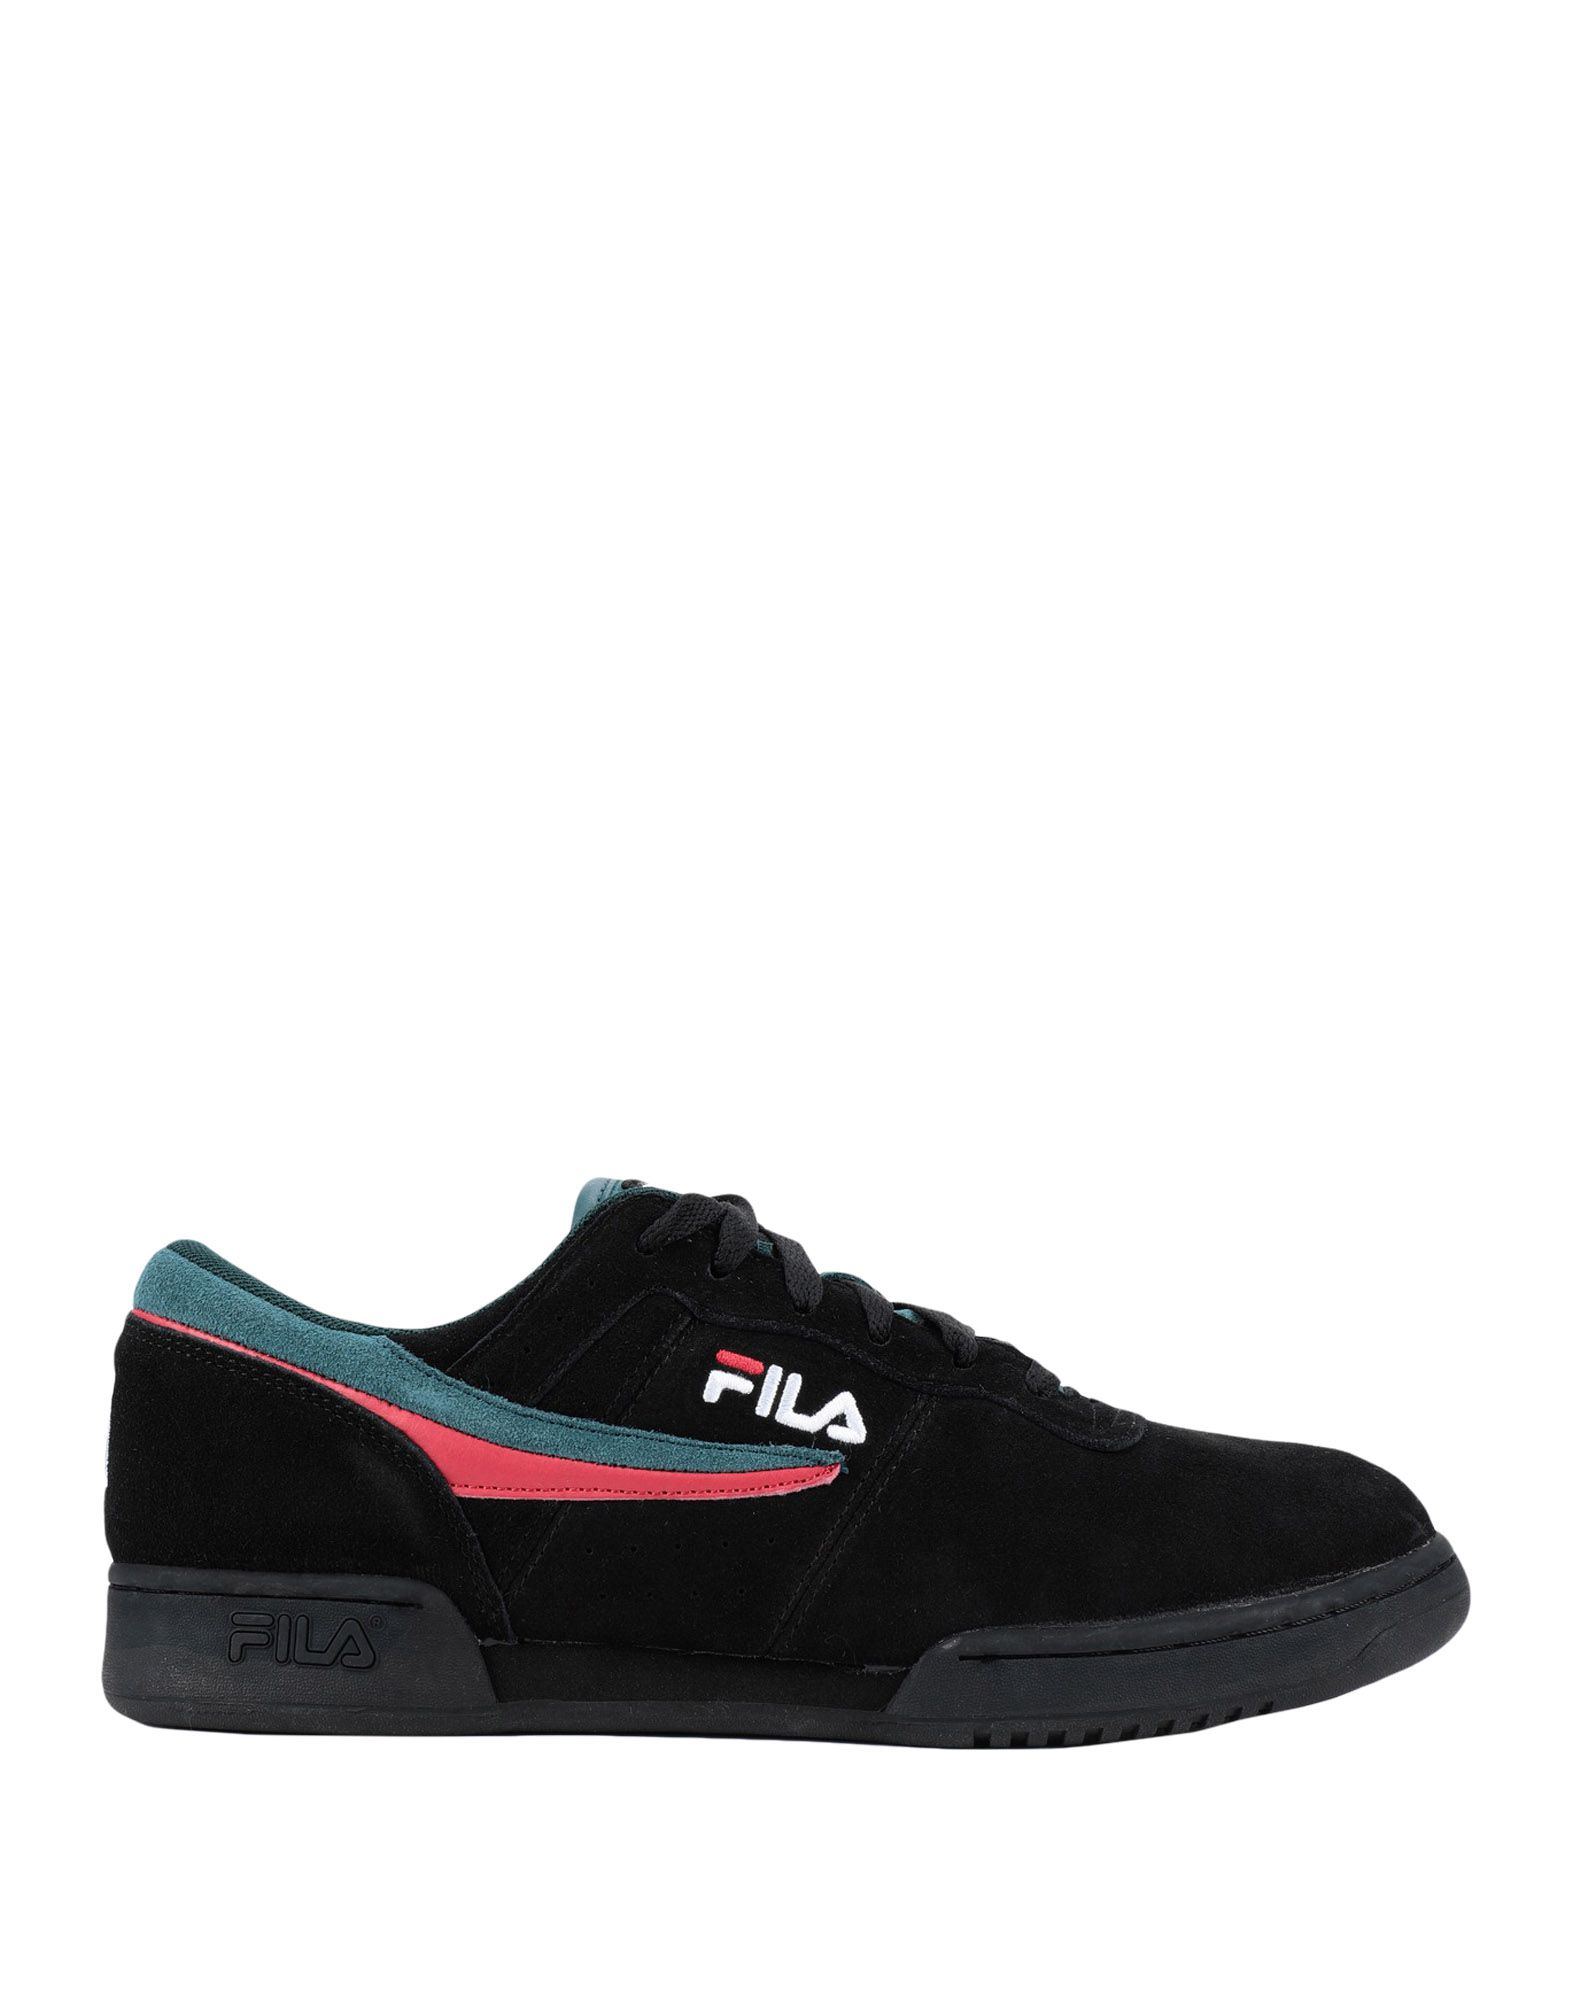 FILA メンズ スニーカー&テニスシューズ(ローカット) Original Fitness S ブラック